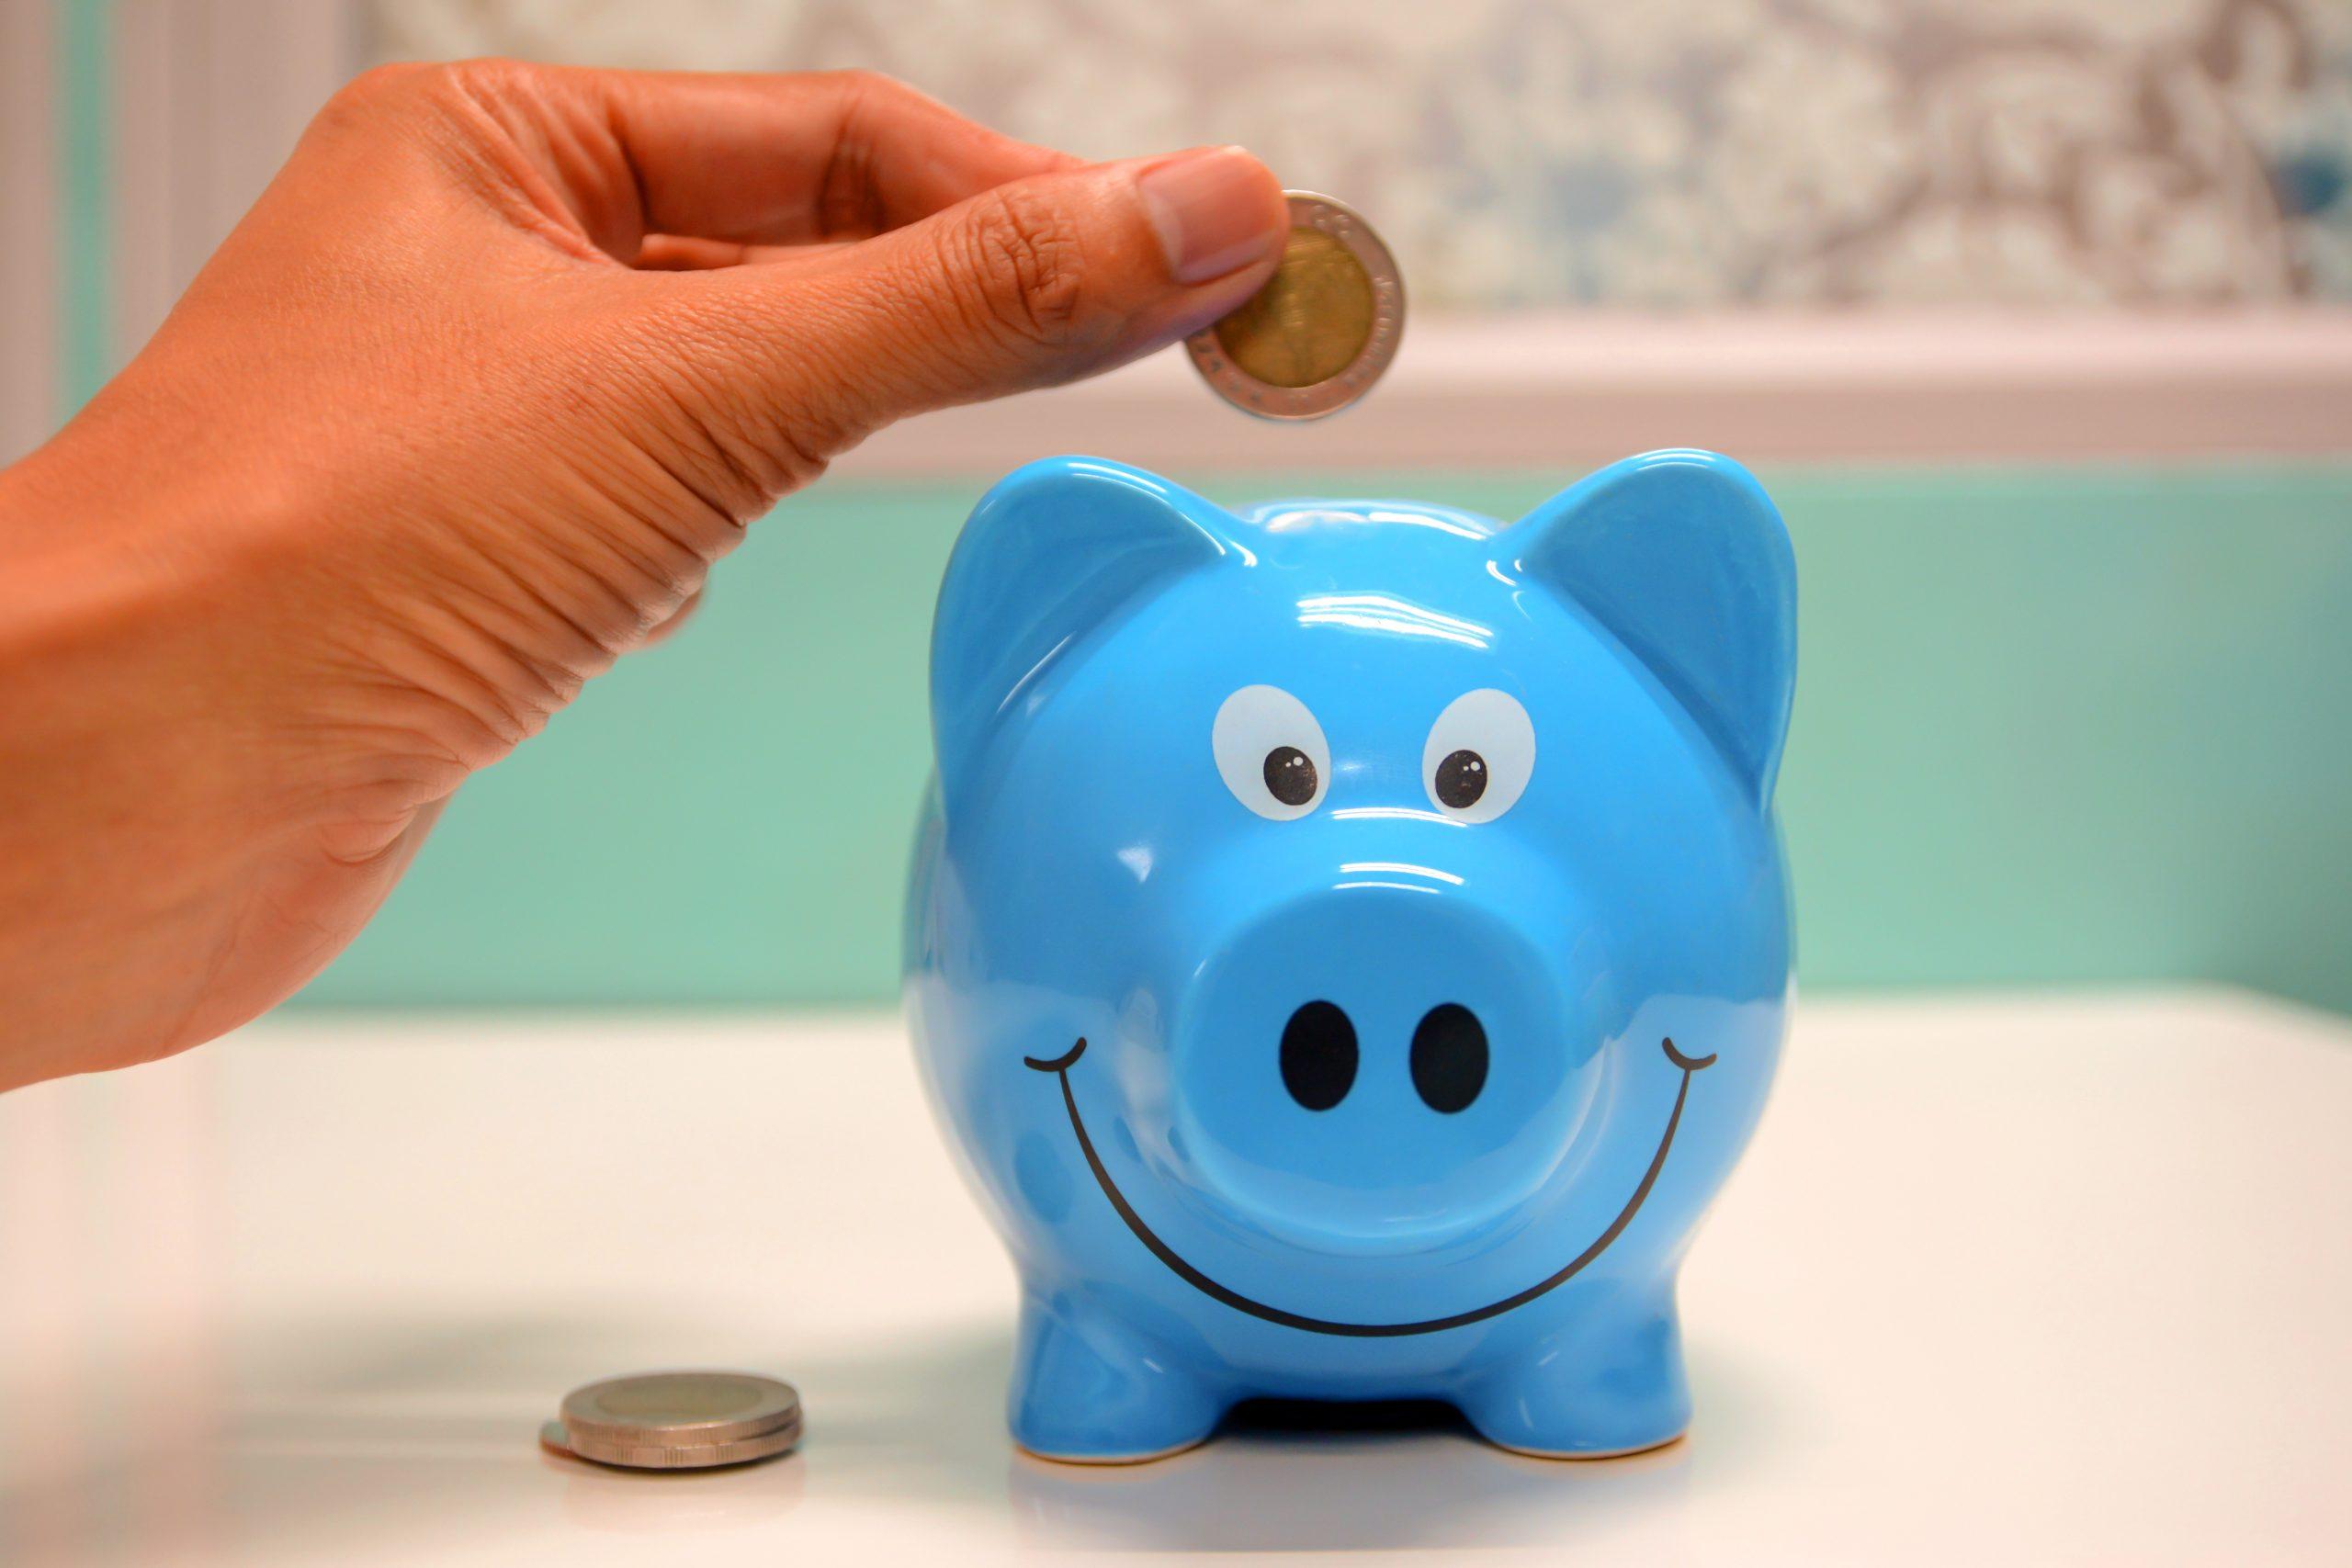 Compenso a percentuale per recupero crediti?